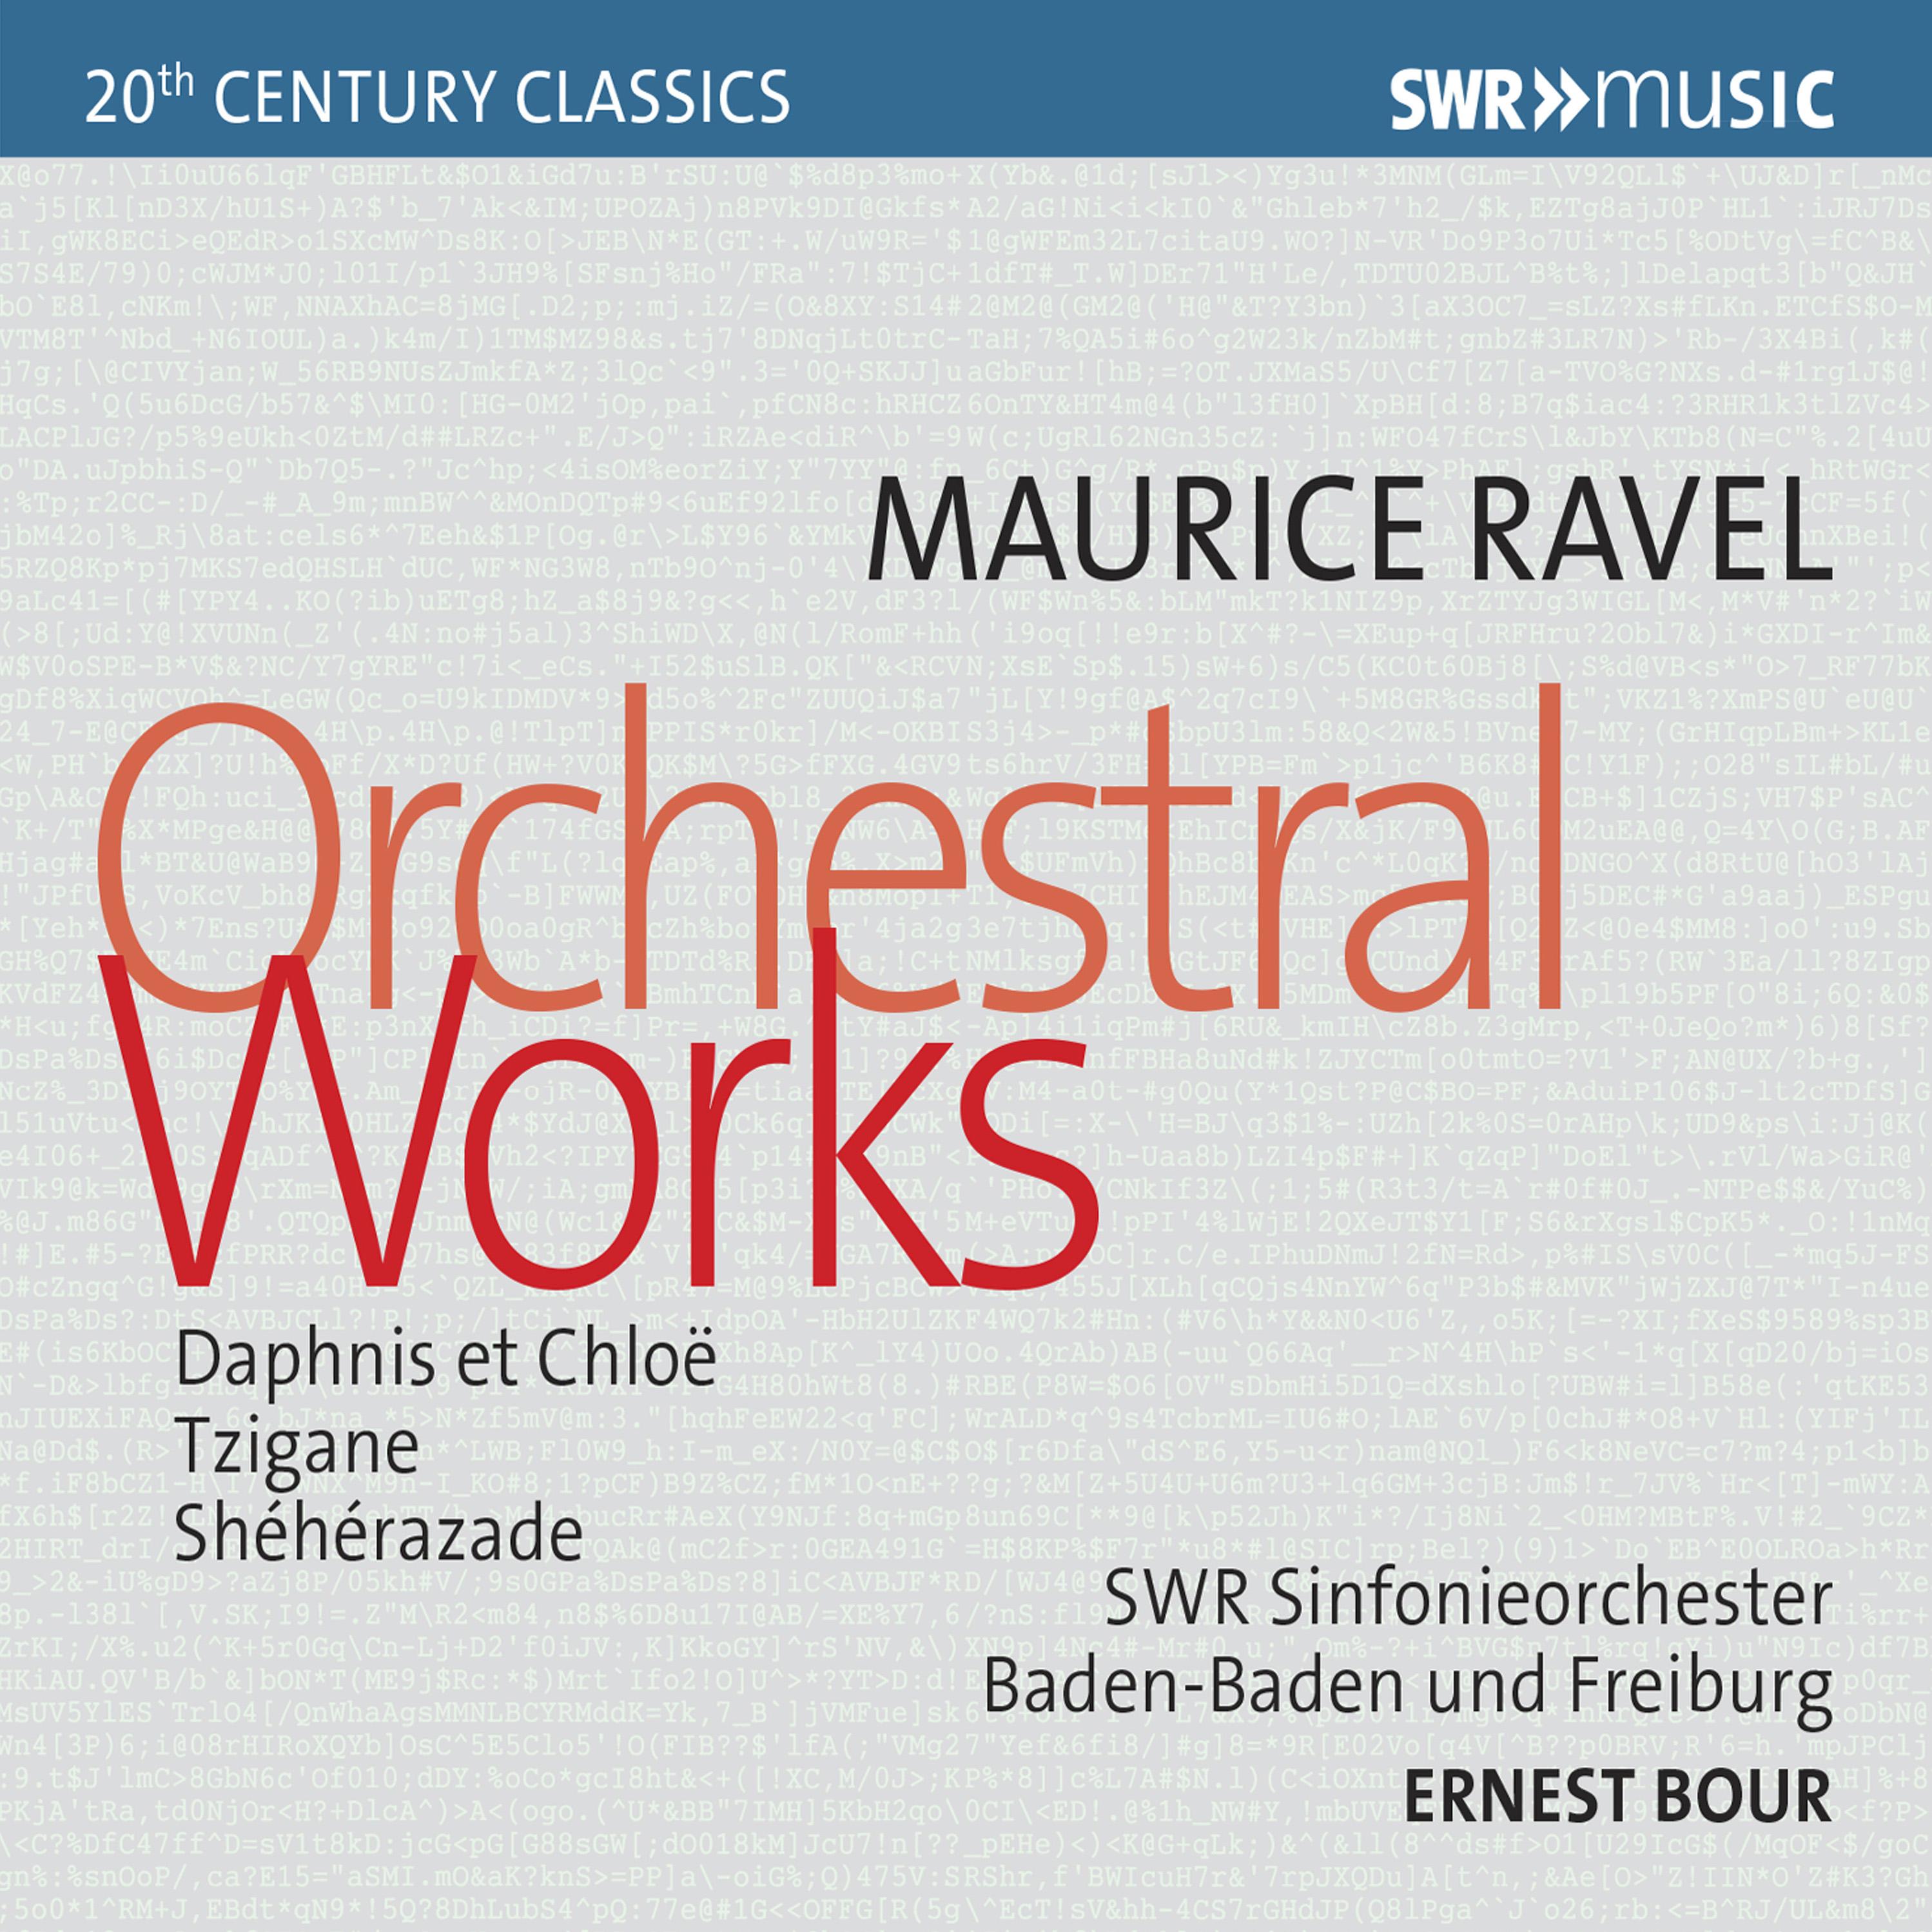 Ravel Orchesterwerke